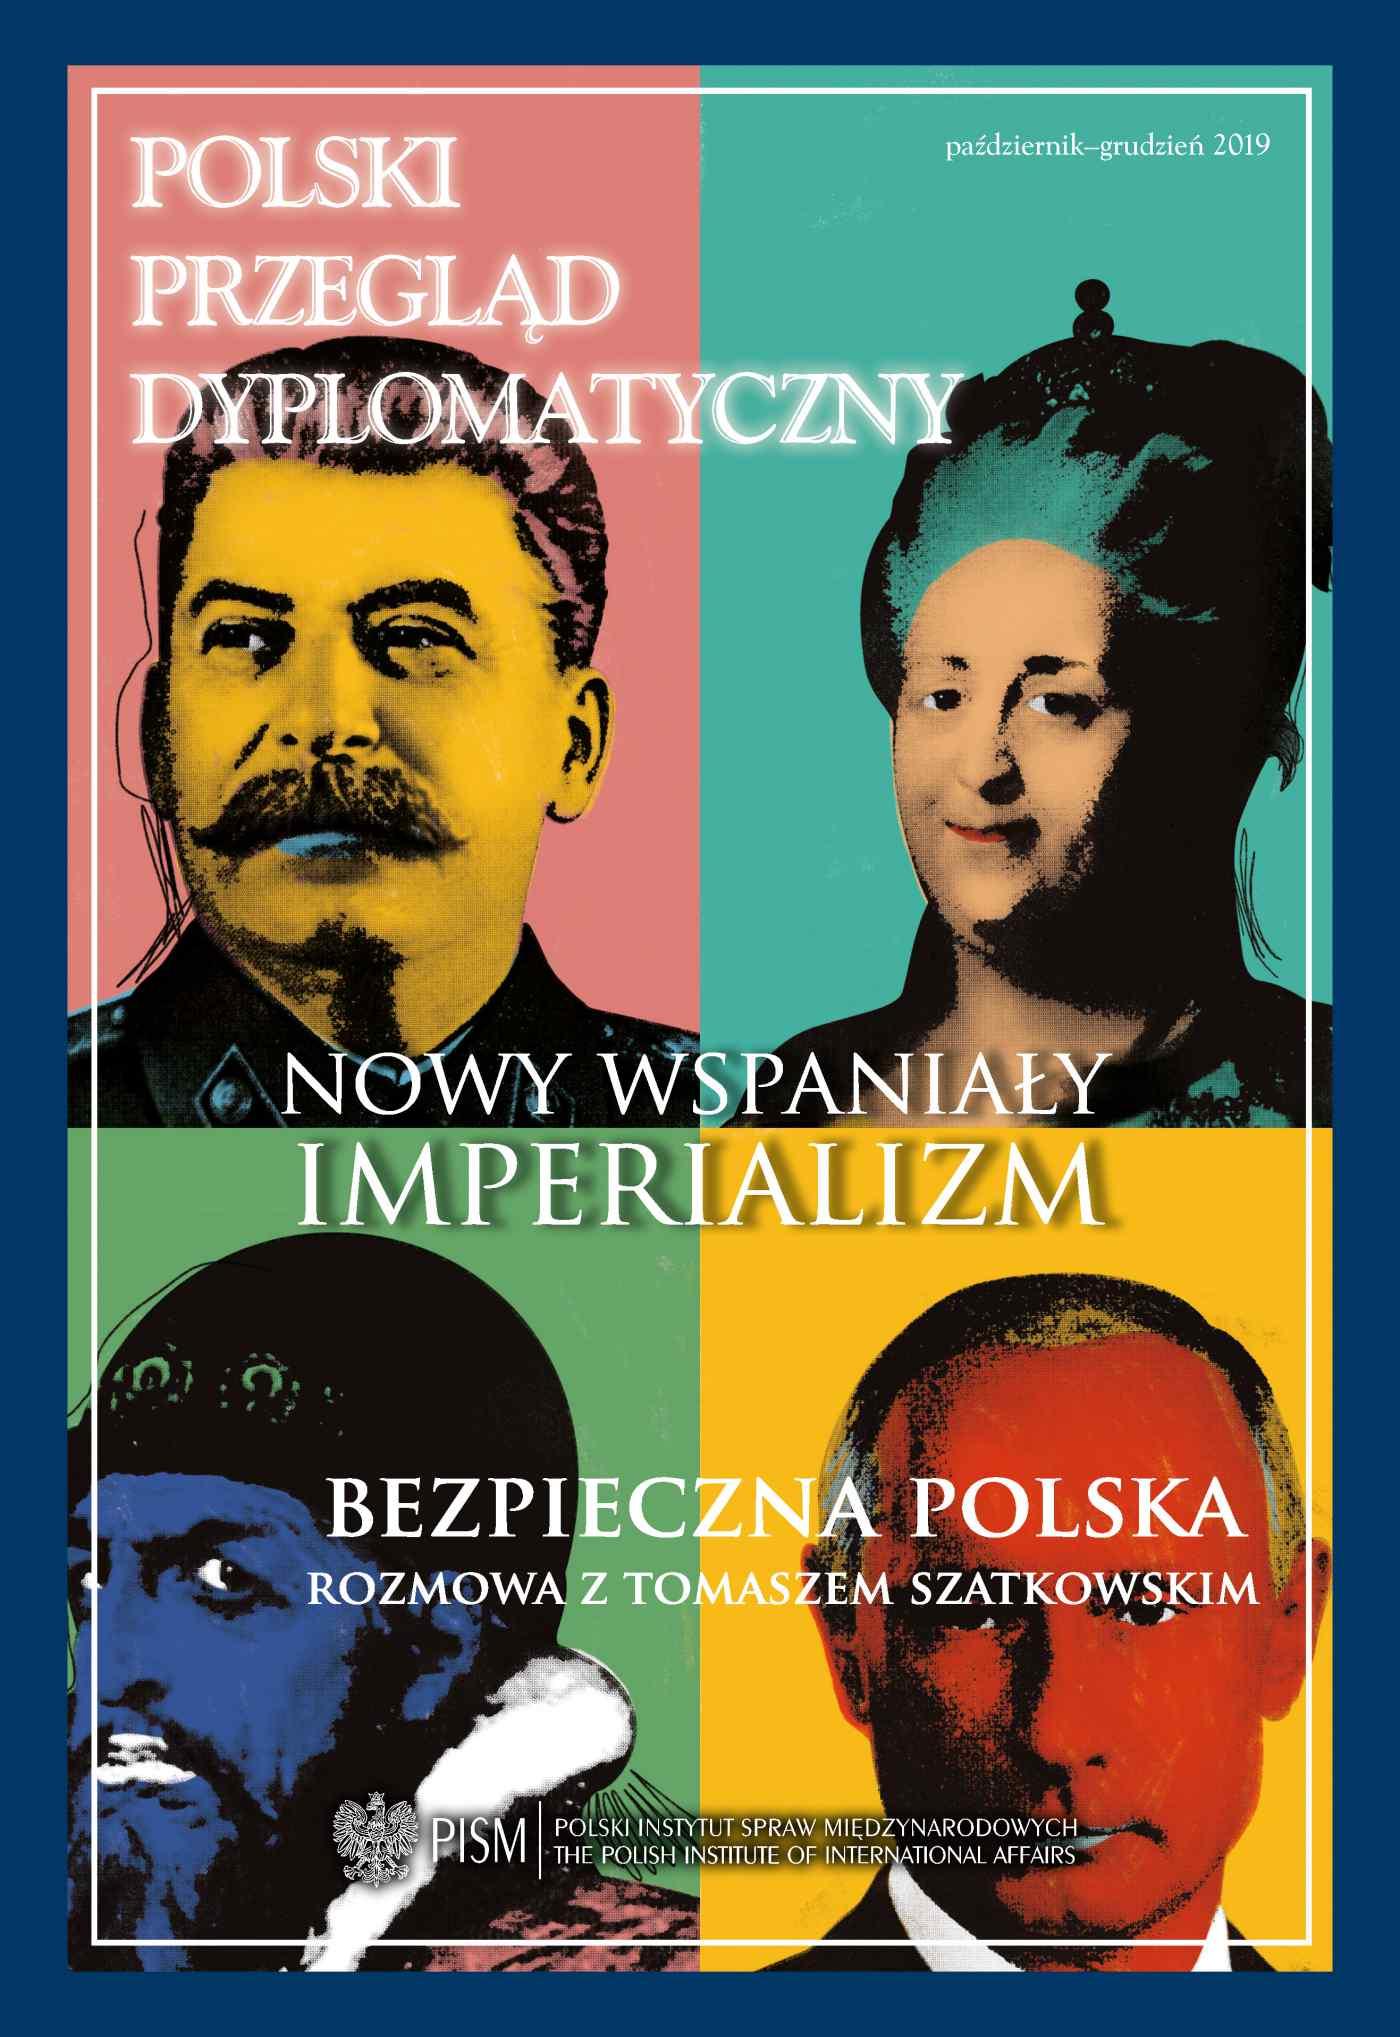 Polski Przegląd Dyplomatyczny, nr 4 / 2019 - Ebook (Książka PDF) do pobrania w formacie PDF